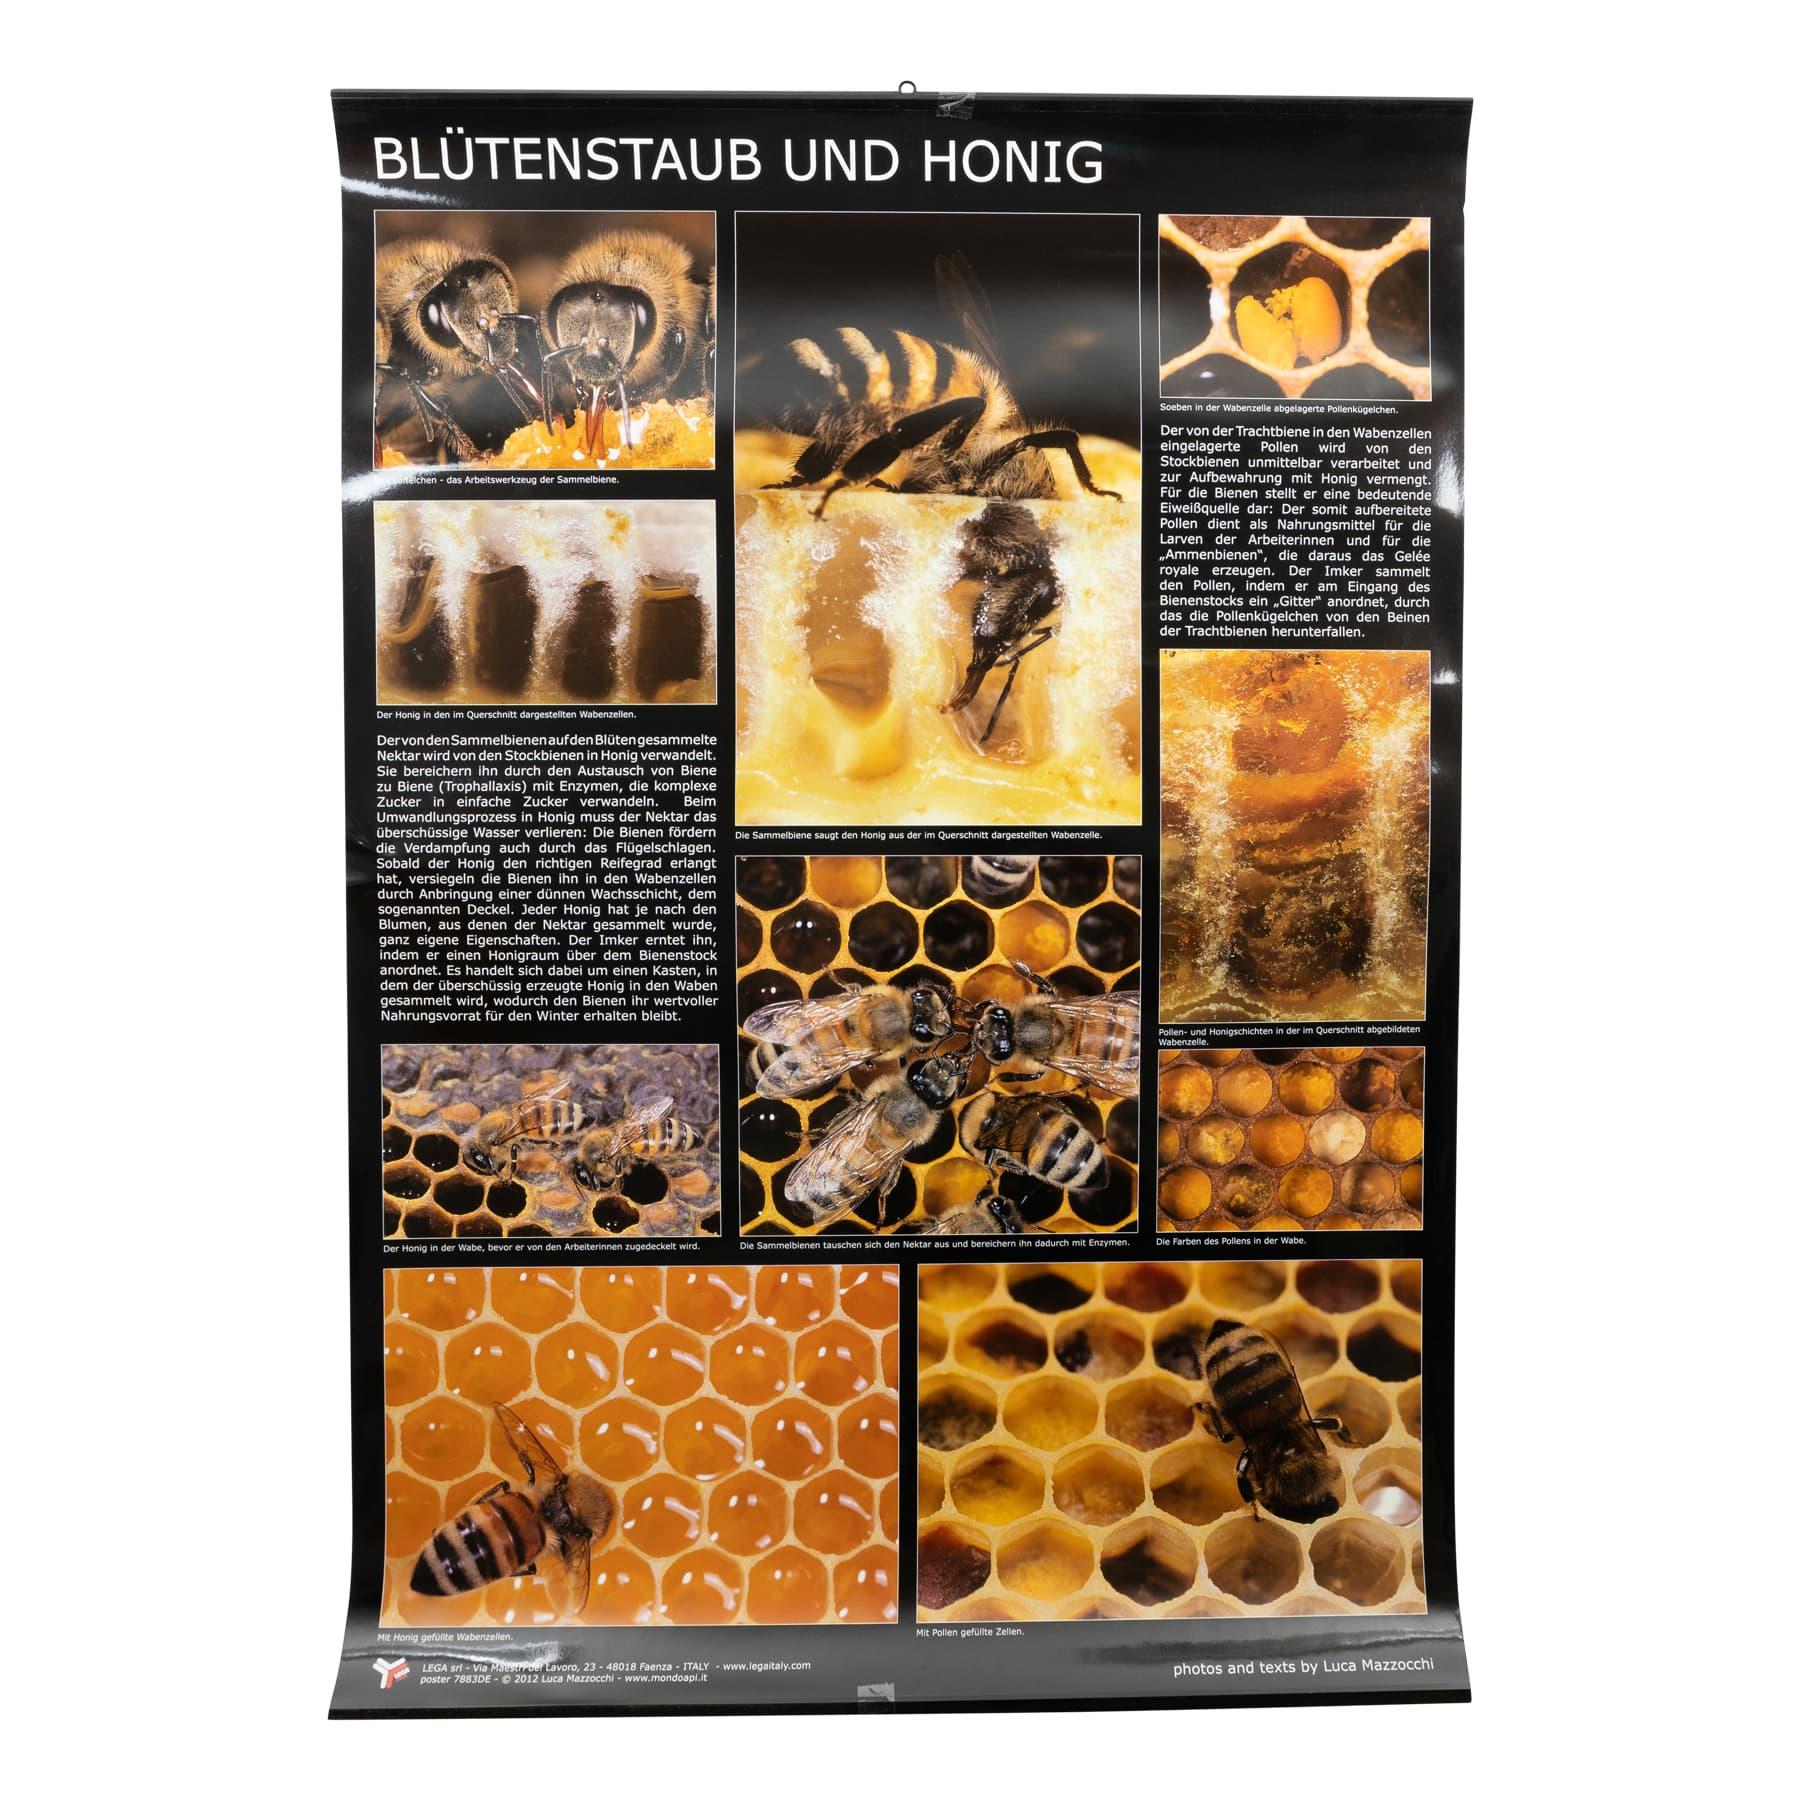 Plakat/Poster Blütenstaub (Pollen) und Honig 60 cm breit 90 cm hoch